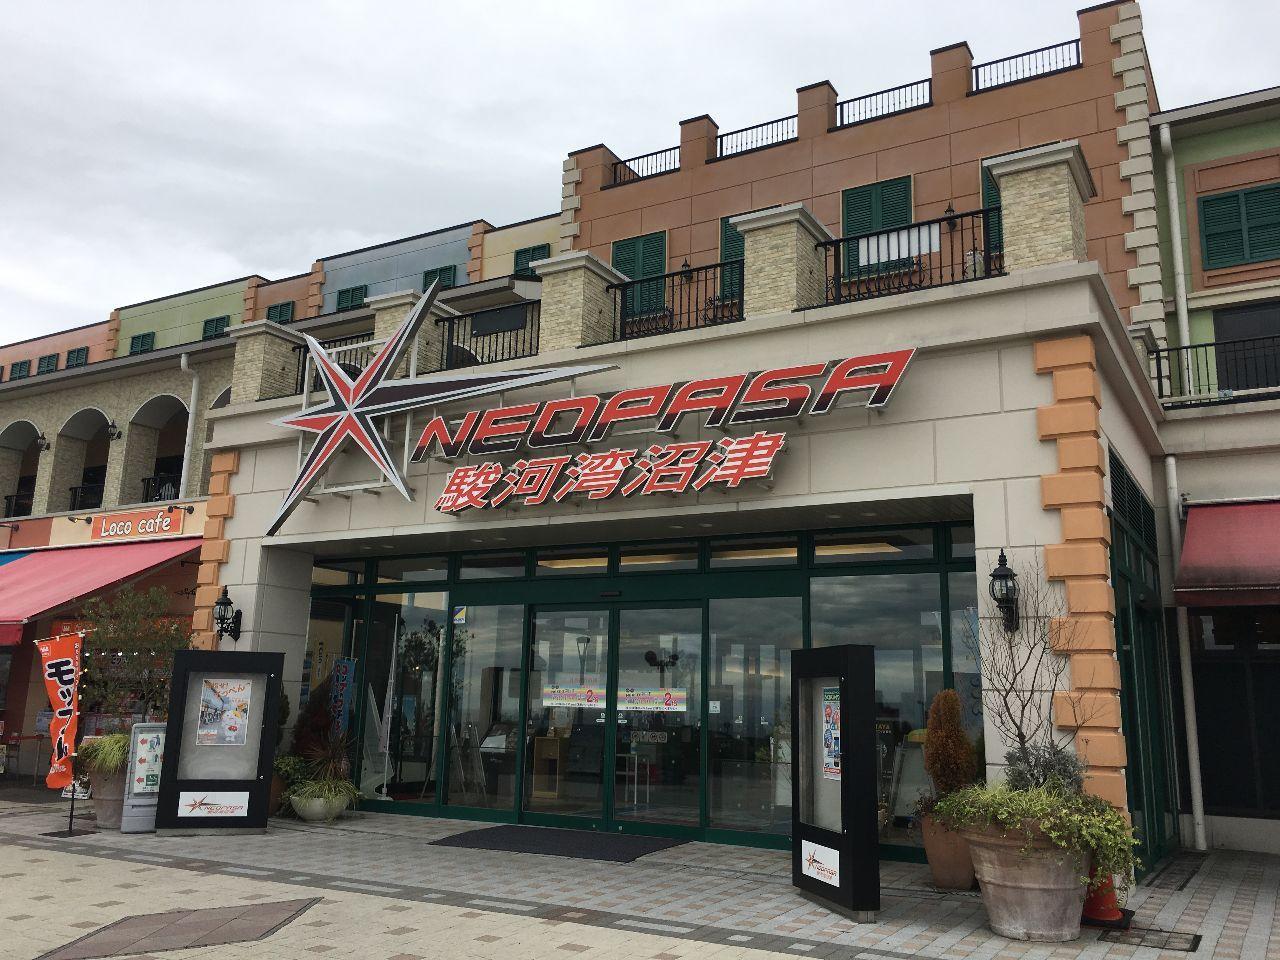 東京電力 現在、車で東京へ向かってる最中です。 今、駿河湾沼津サービスエリアでお食事タイム。 今日から9日間海